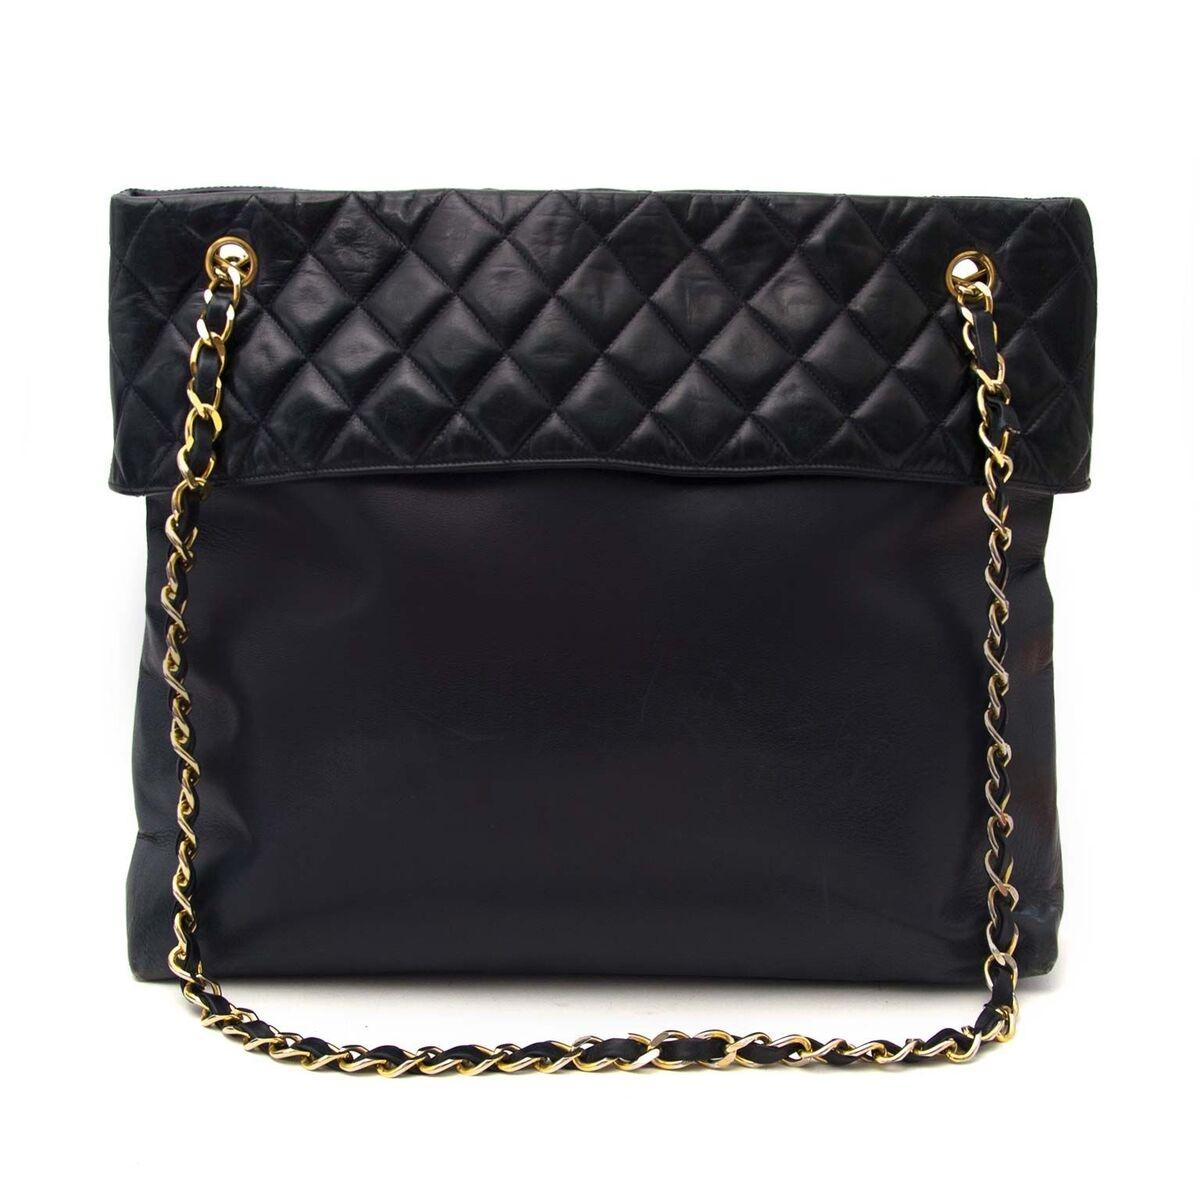 Koop authentieke tweedehands Chanel blauwe shopper aan een eerlijke prijs bij LabelLOV. Veilig online shoppen.